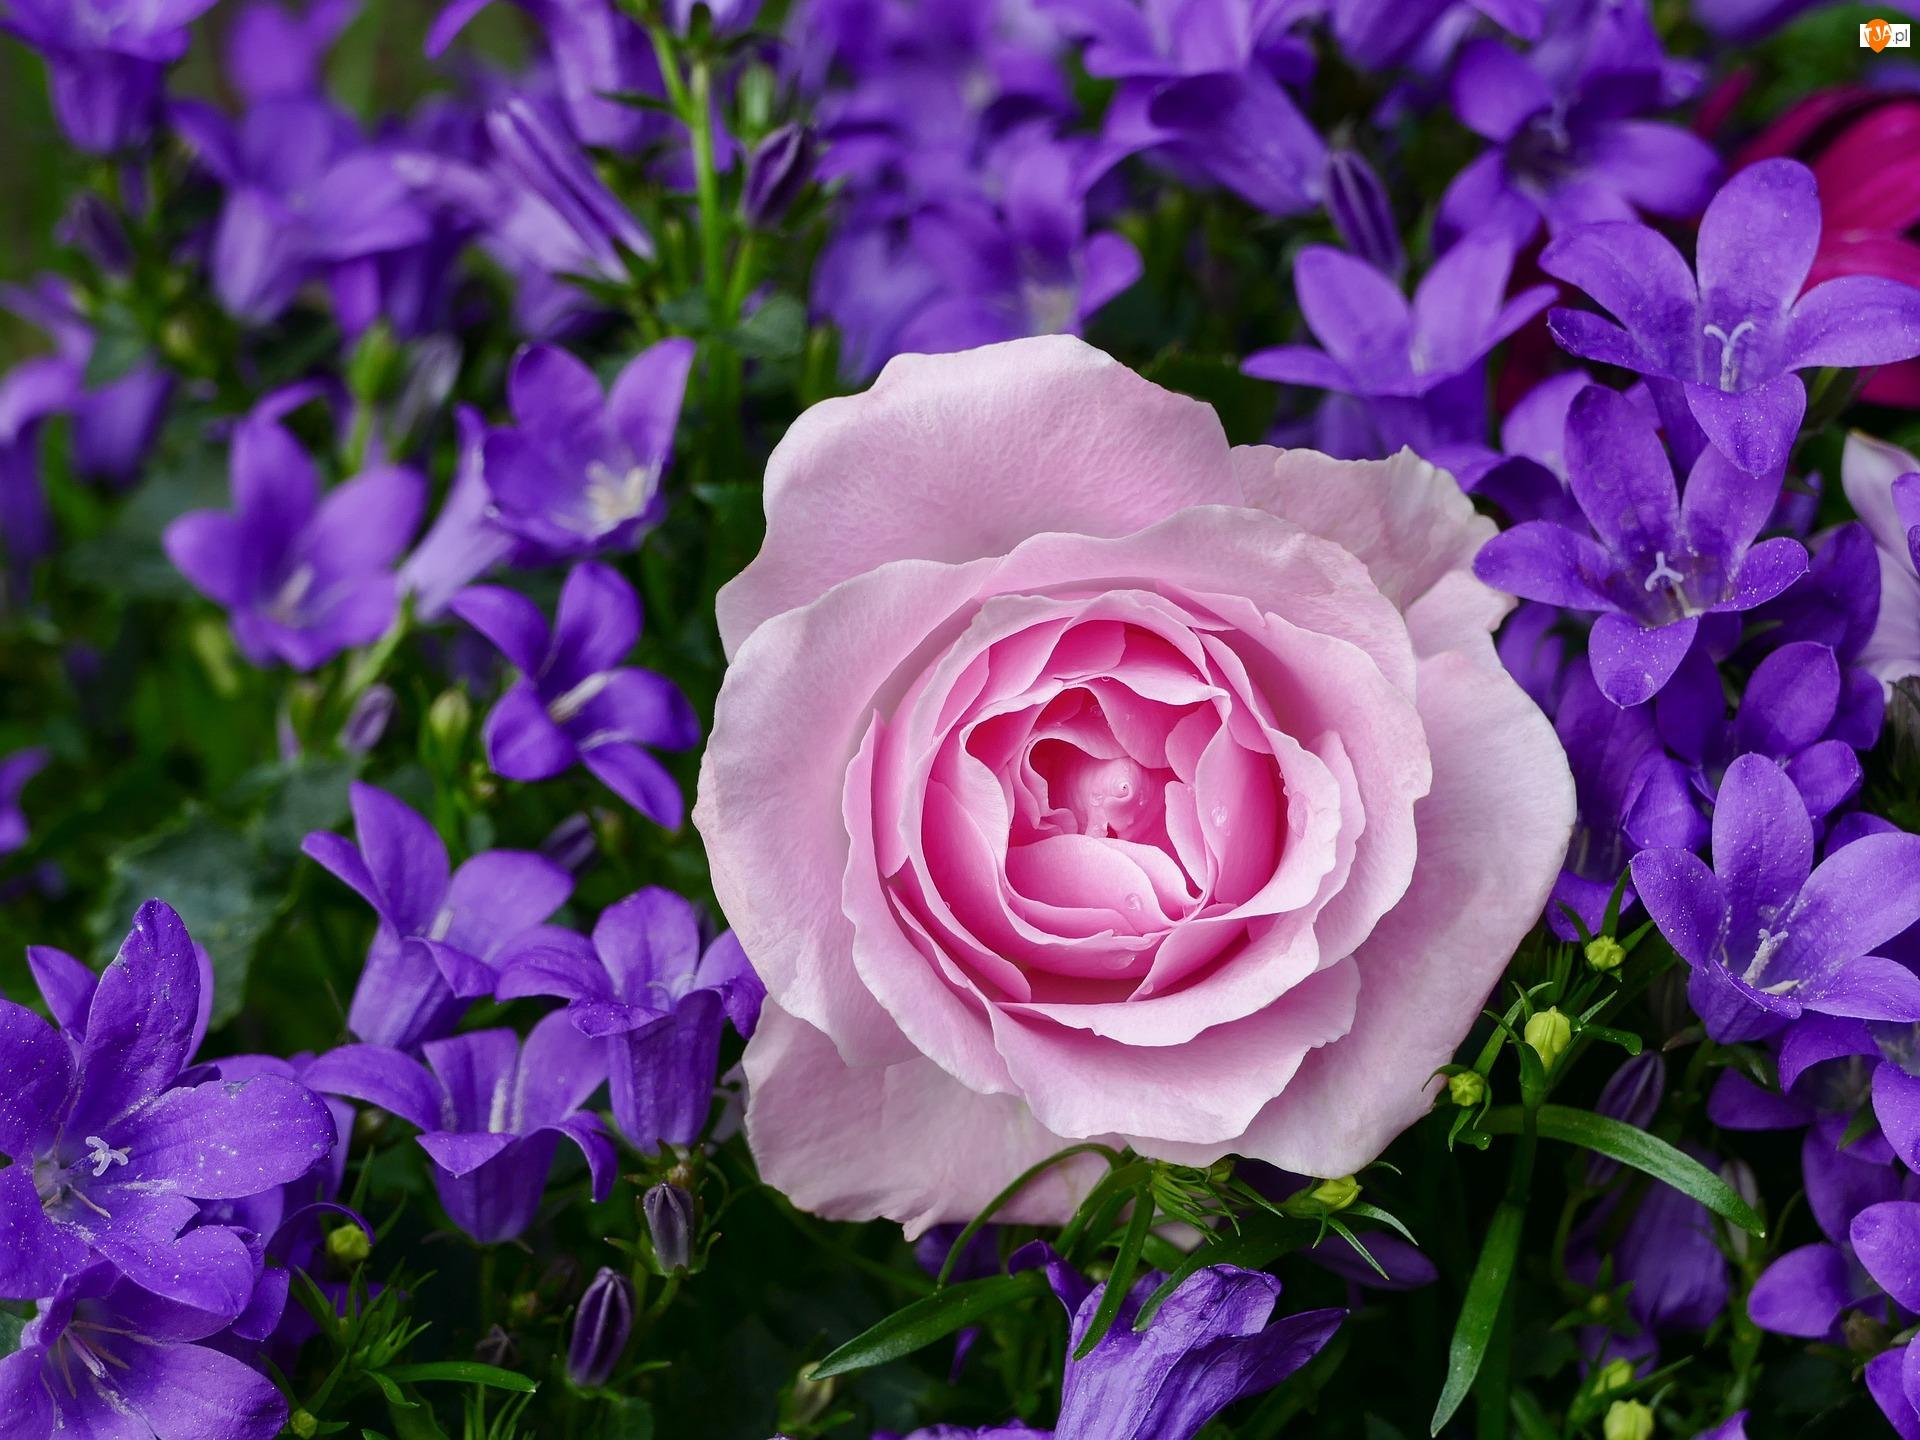 Róża, Kwiaty, Dzwonki, Różowa